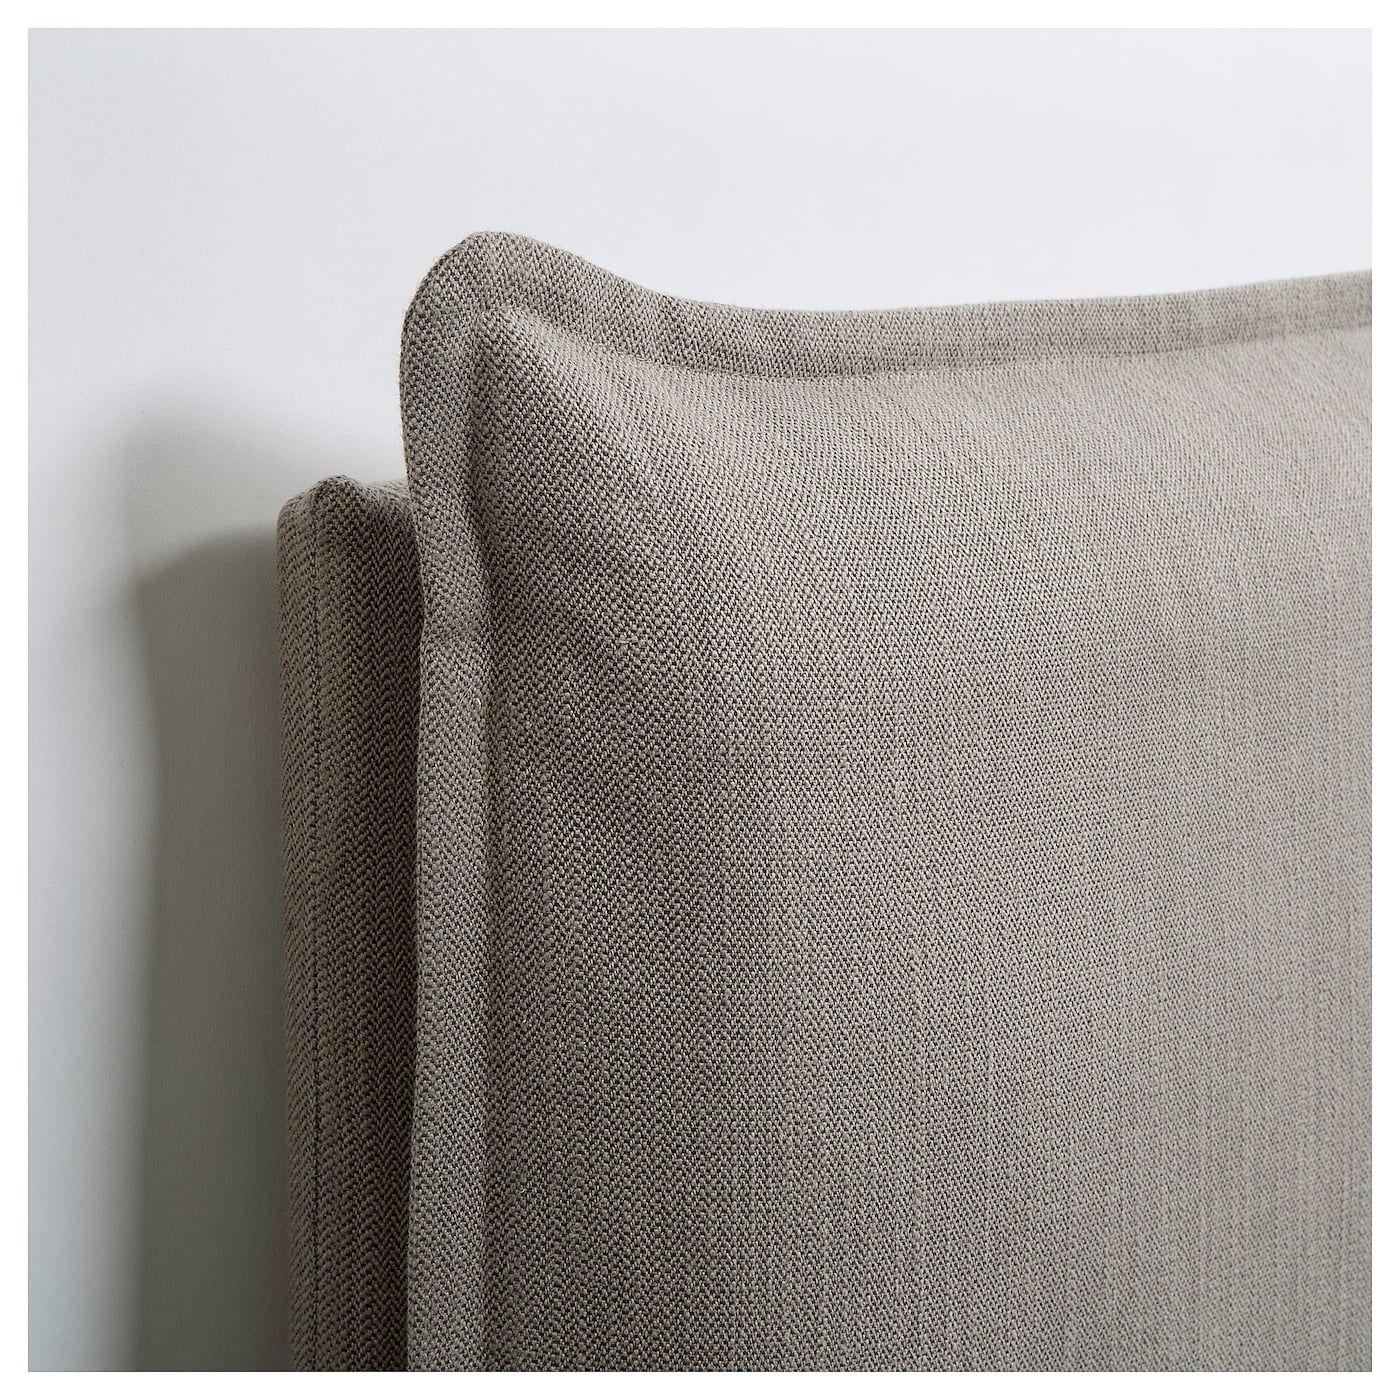 Cuscino Alla Francese Ikea fodera testata letto ikea